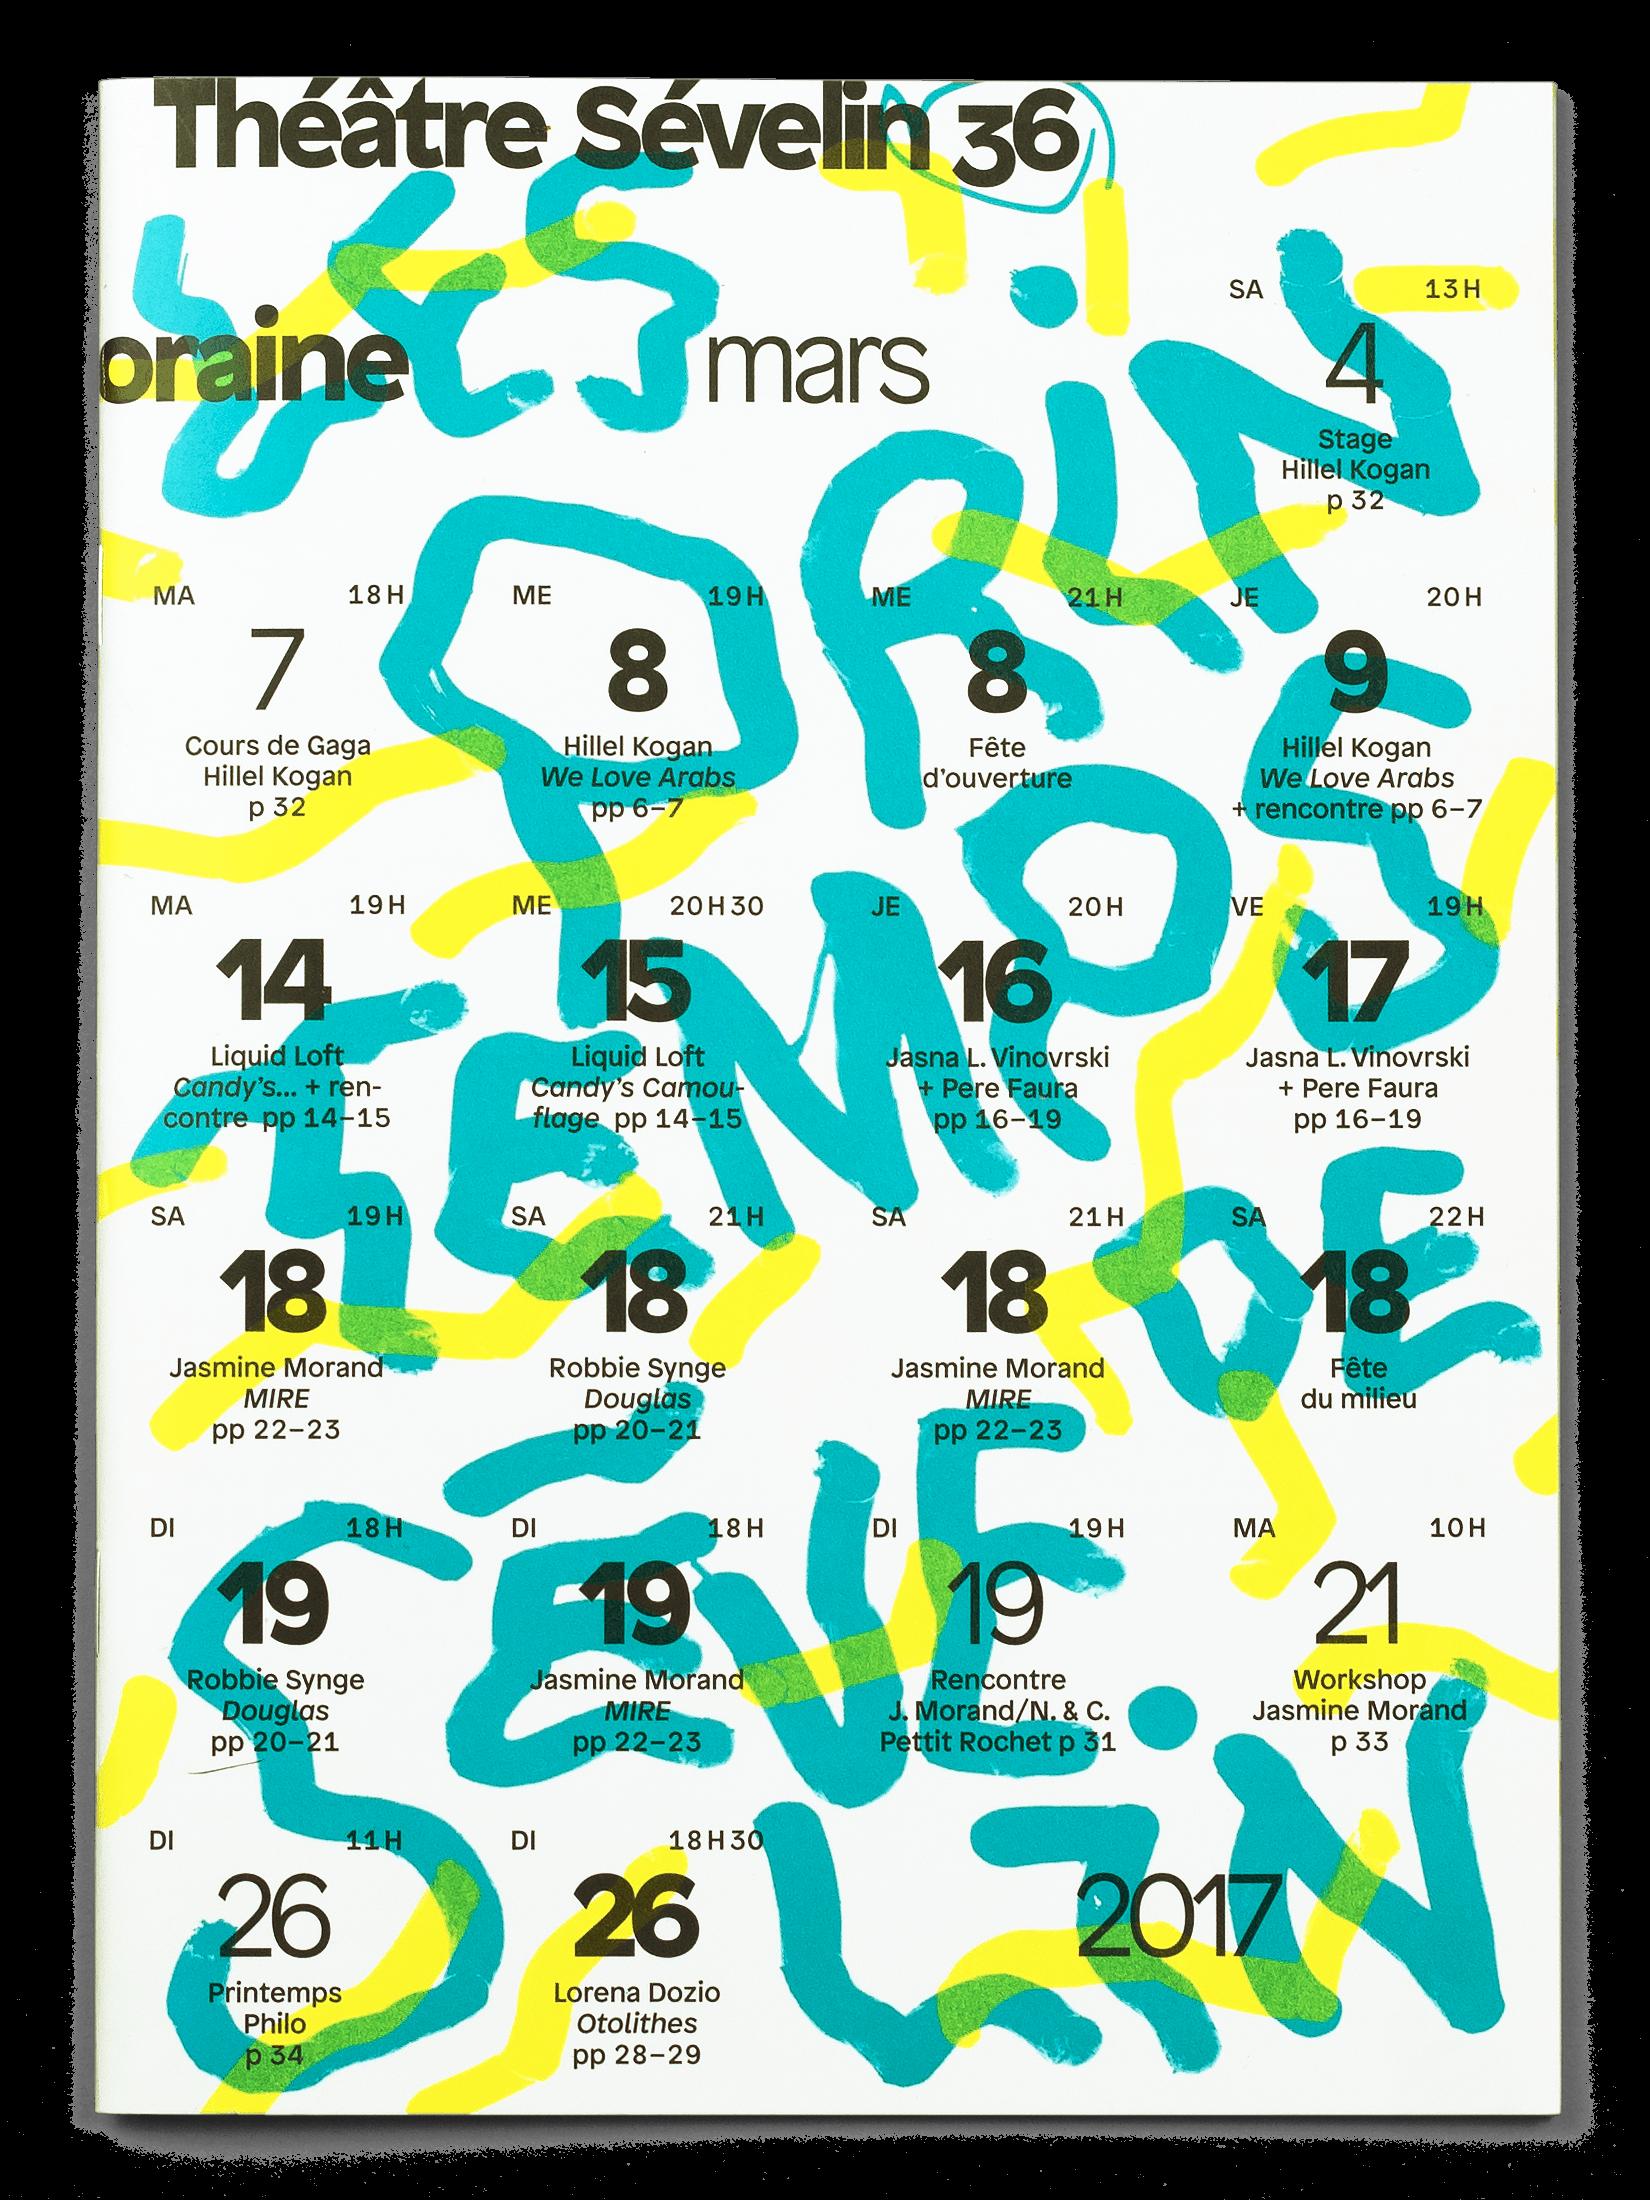 Couverture du programme des Printemps de Sévelin 36 2017